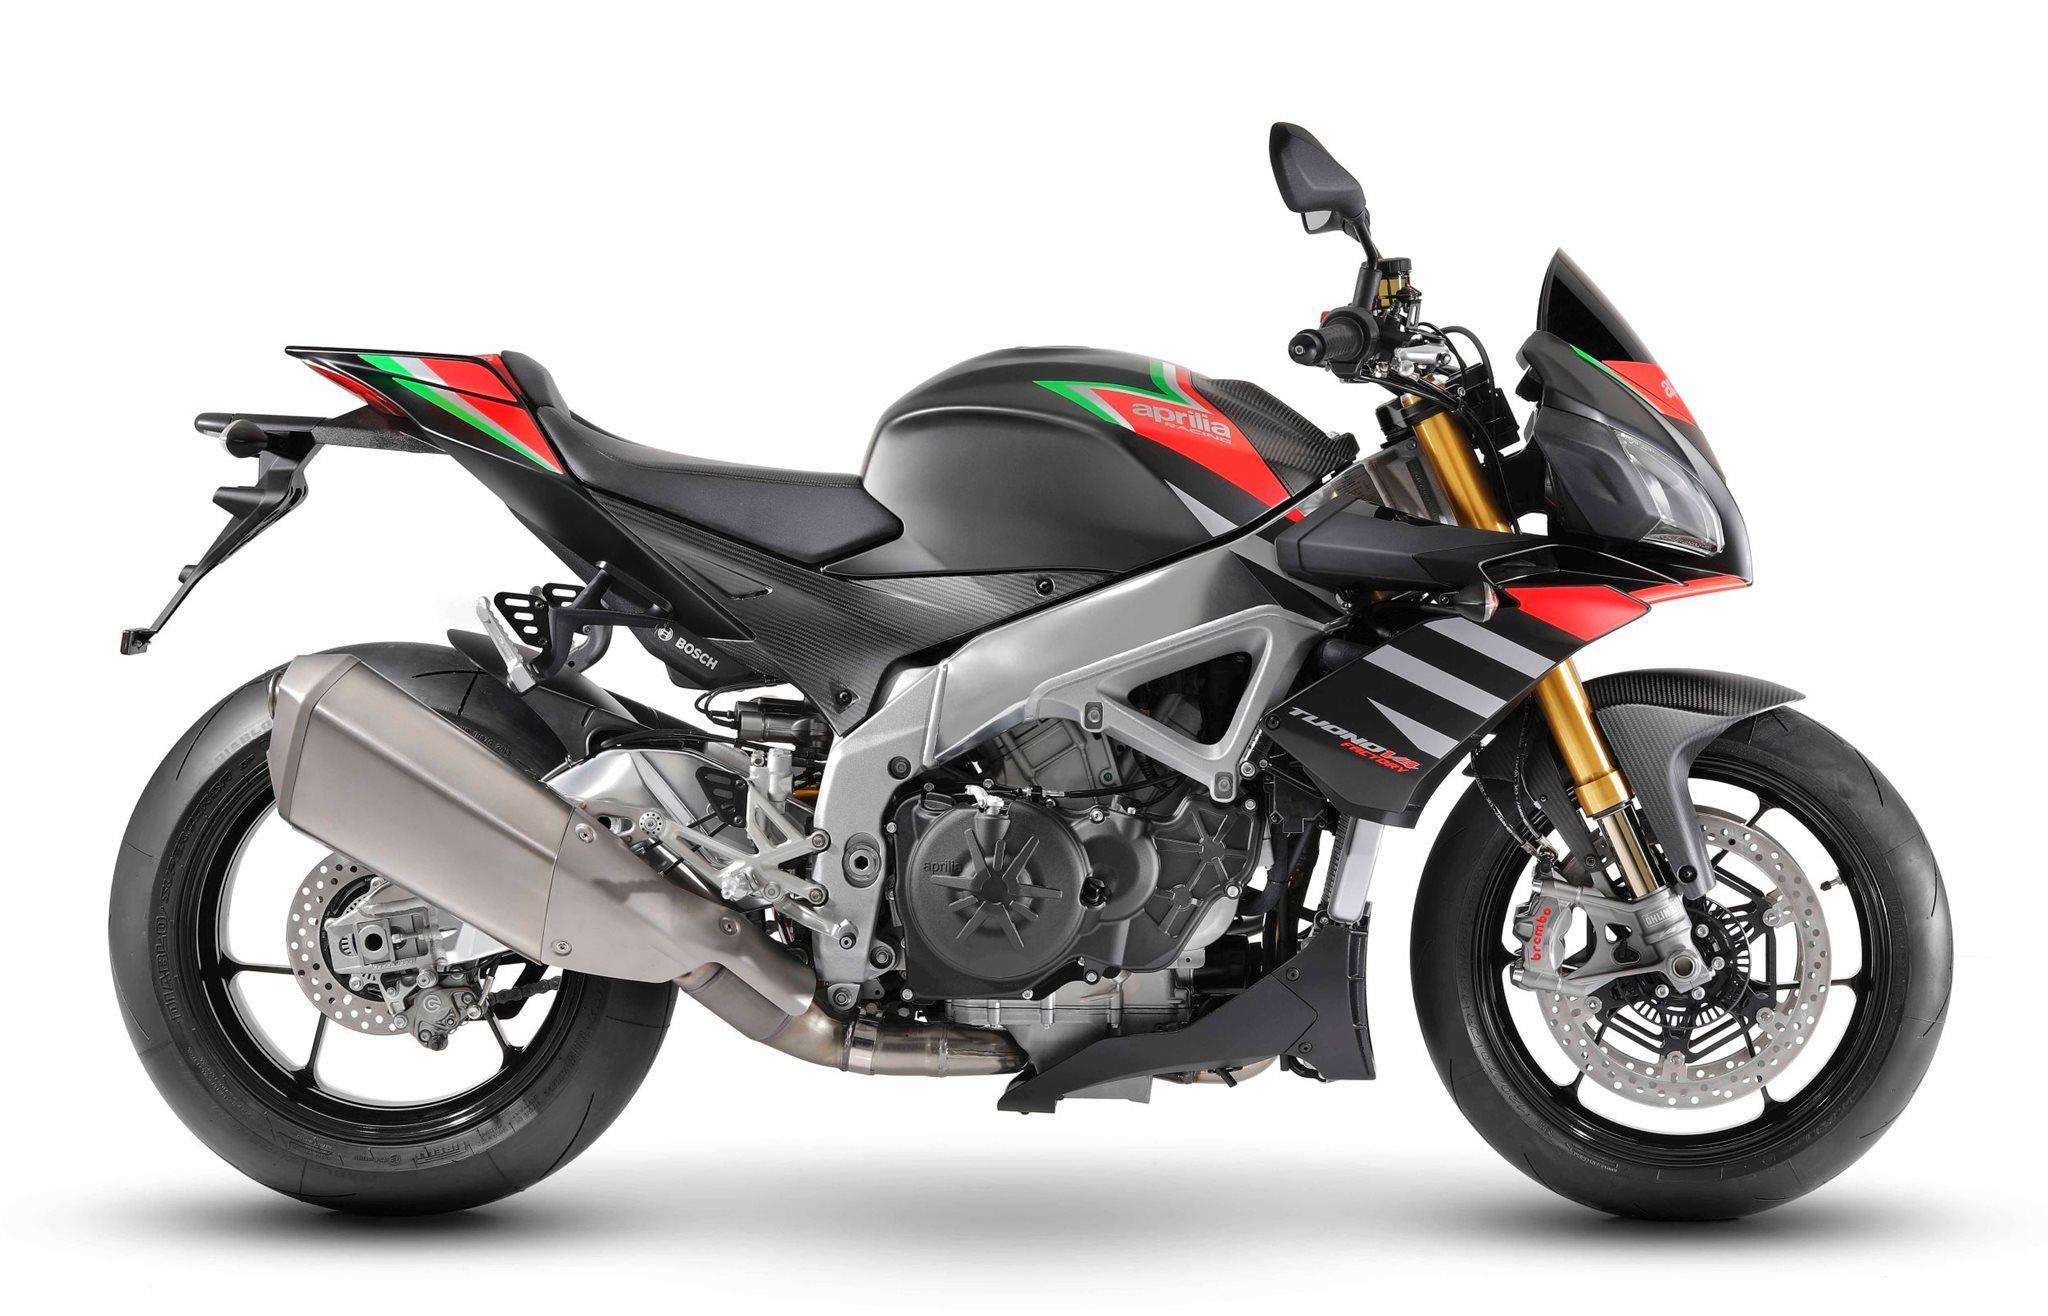 Aprilia Tuono V4 1100 Factory Motorrad, neu